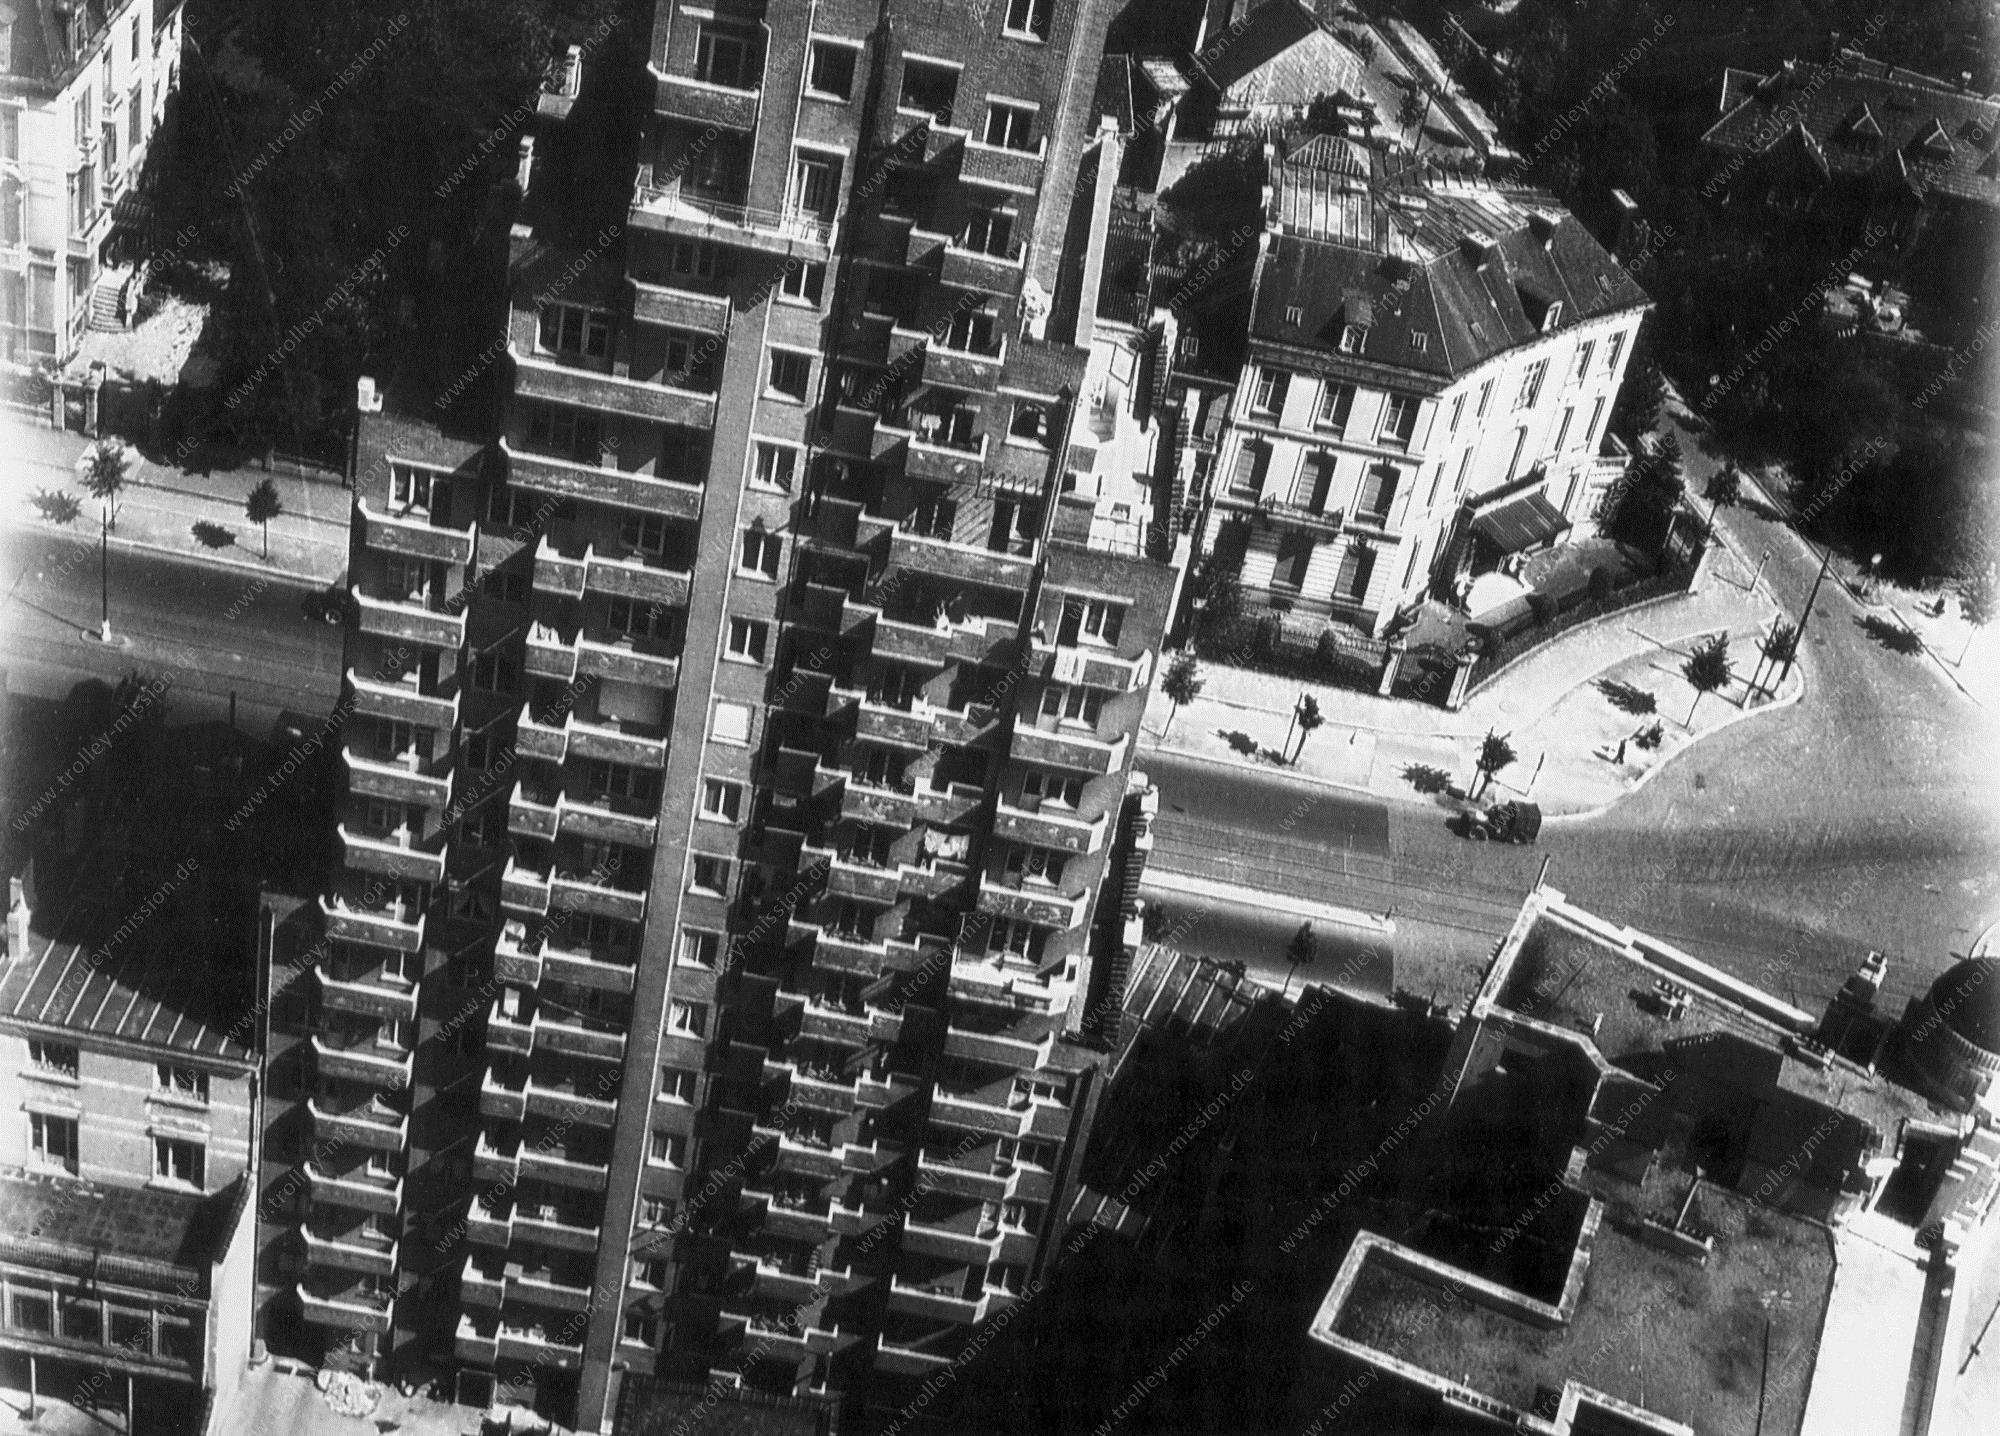 Luftbild Résidence de la Cambre in Brüssel - Das erste Hochhaus im Art-Déco-Stil (Belgien)